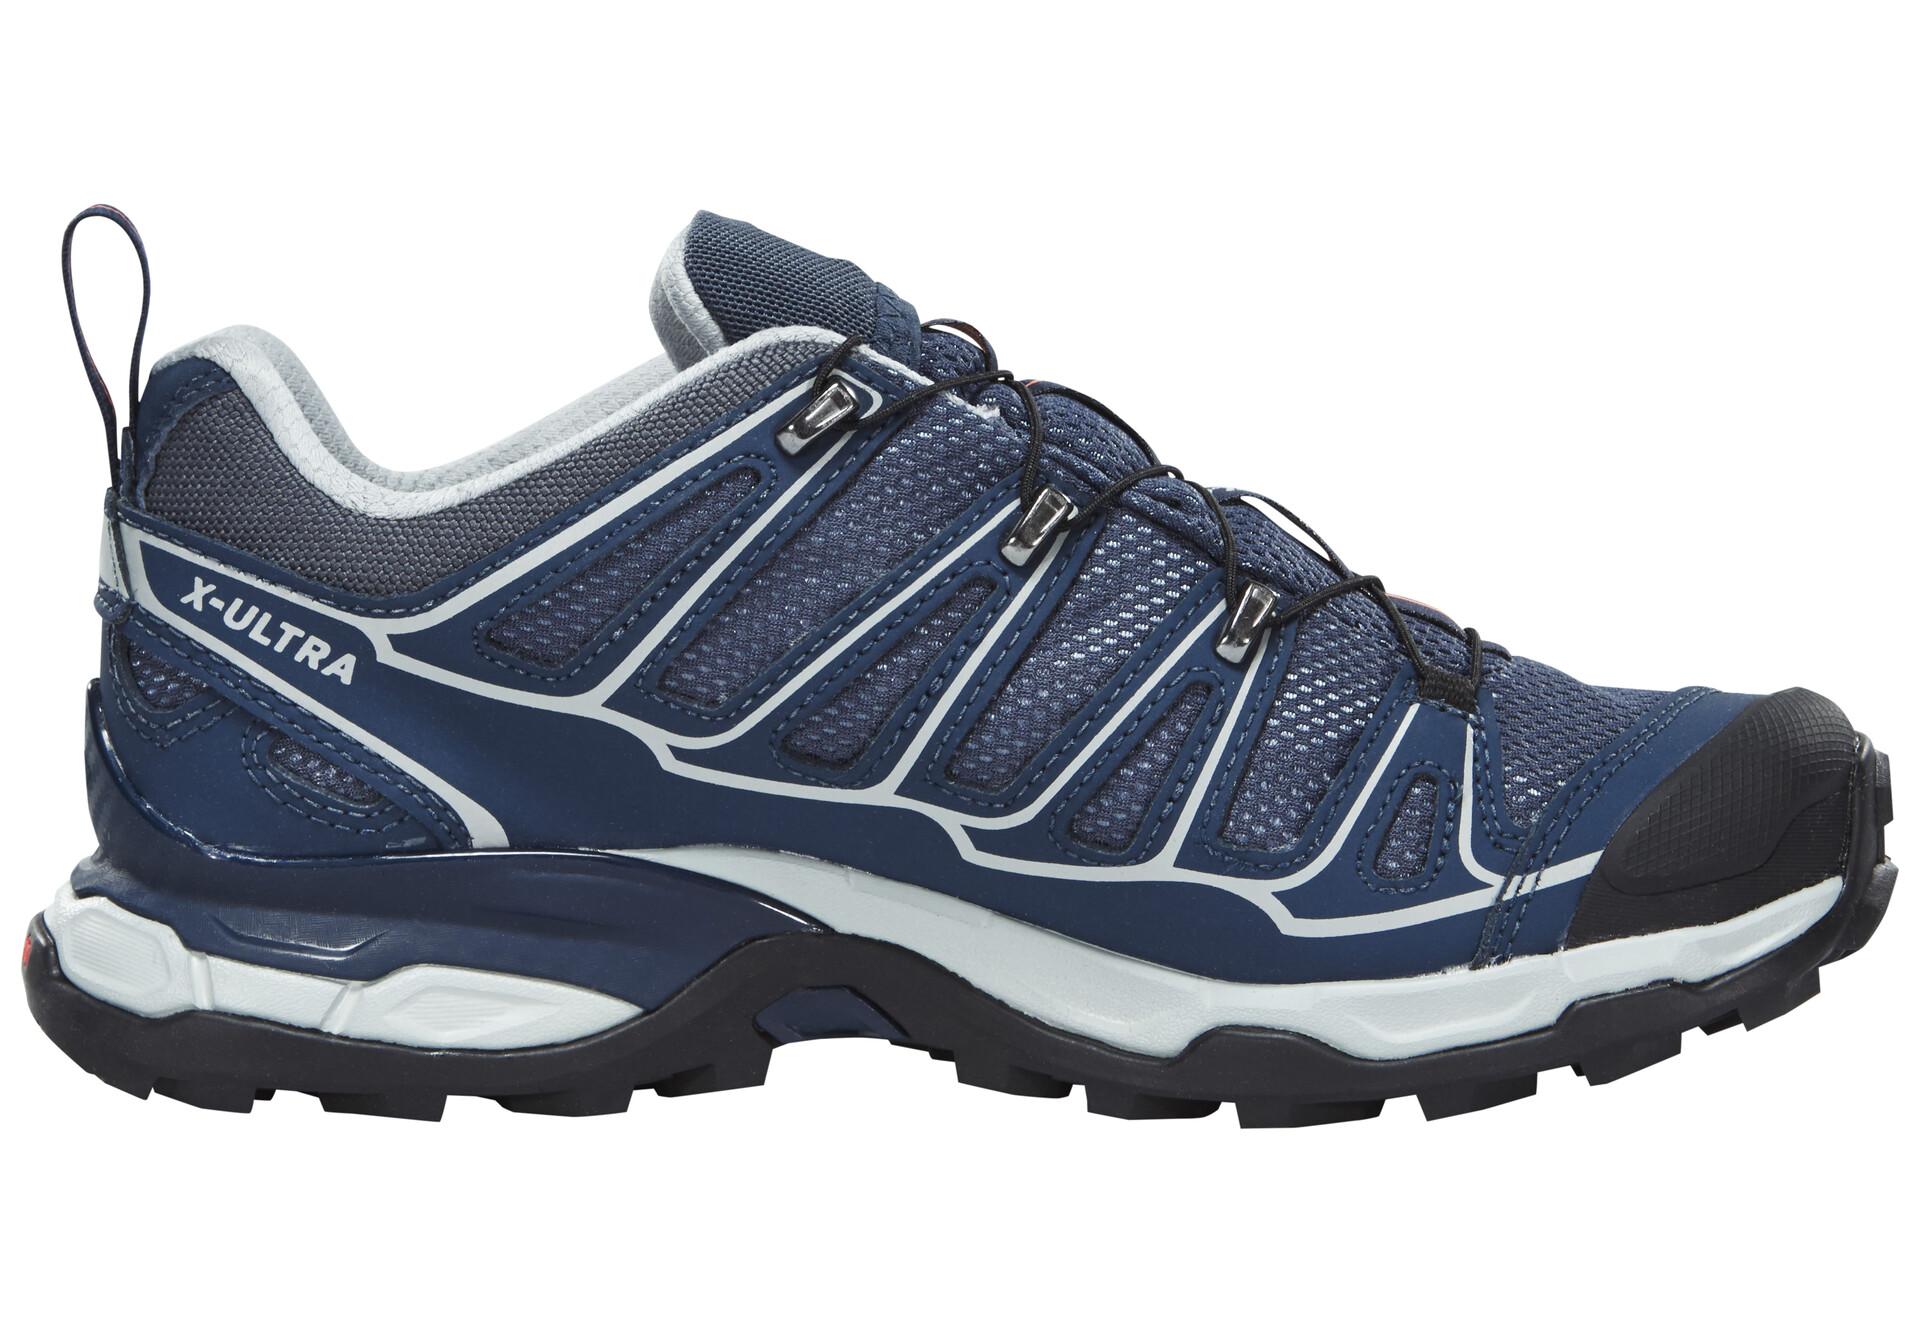 X 2 Chaussures bleu Salomon sur GTX Femme Ultra CAMPZ XiuOkZPT